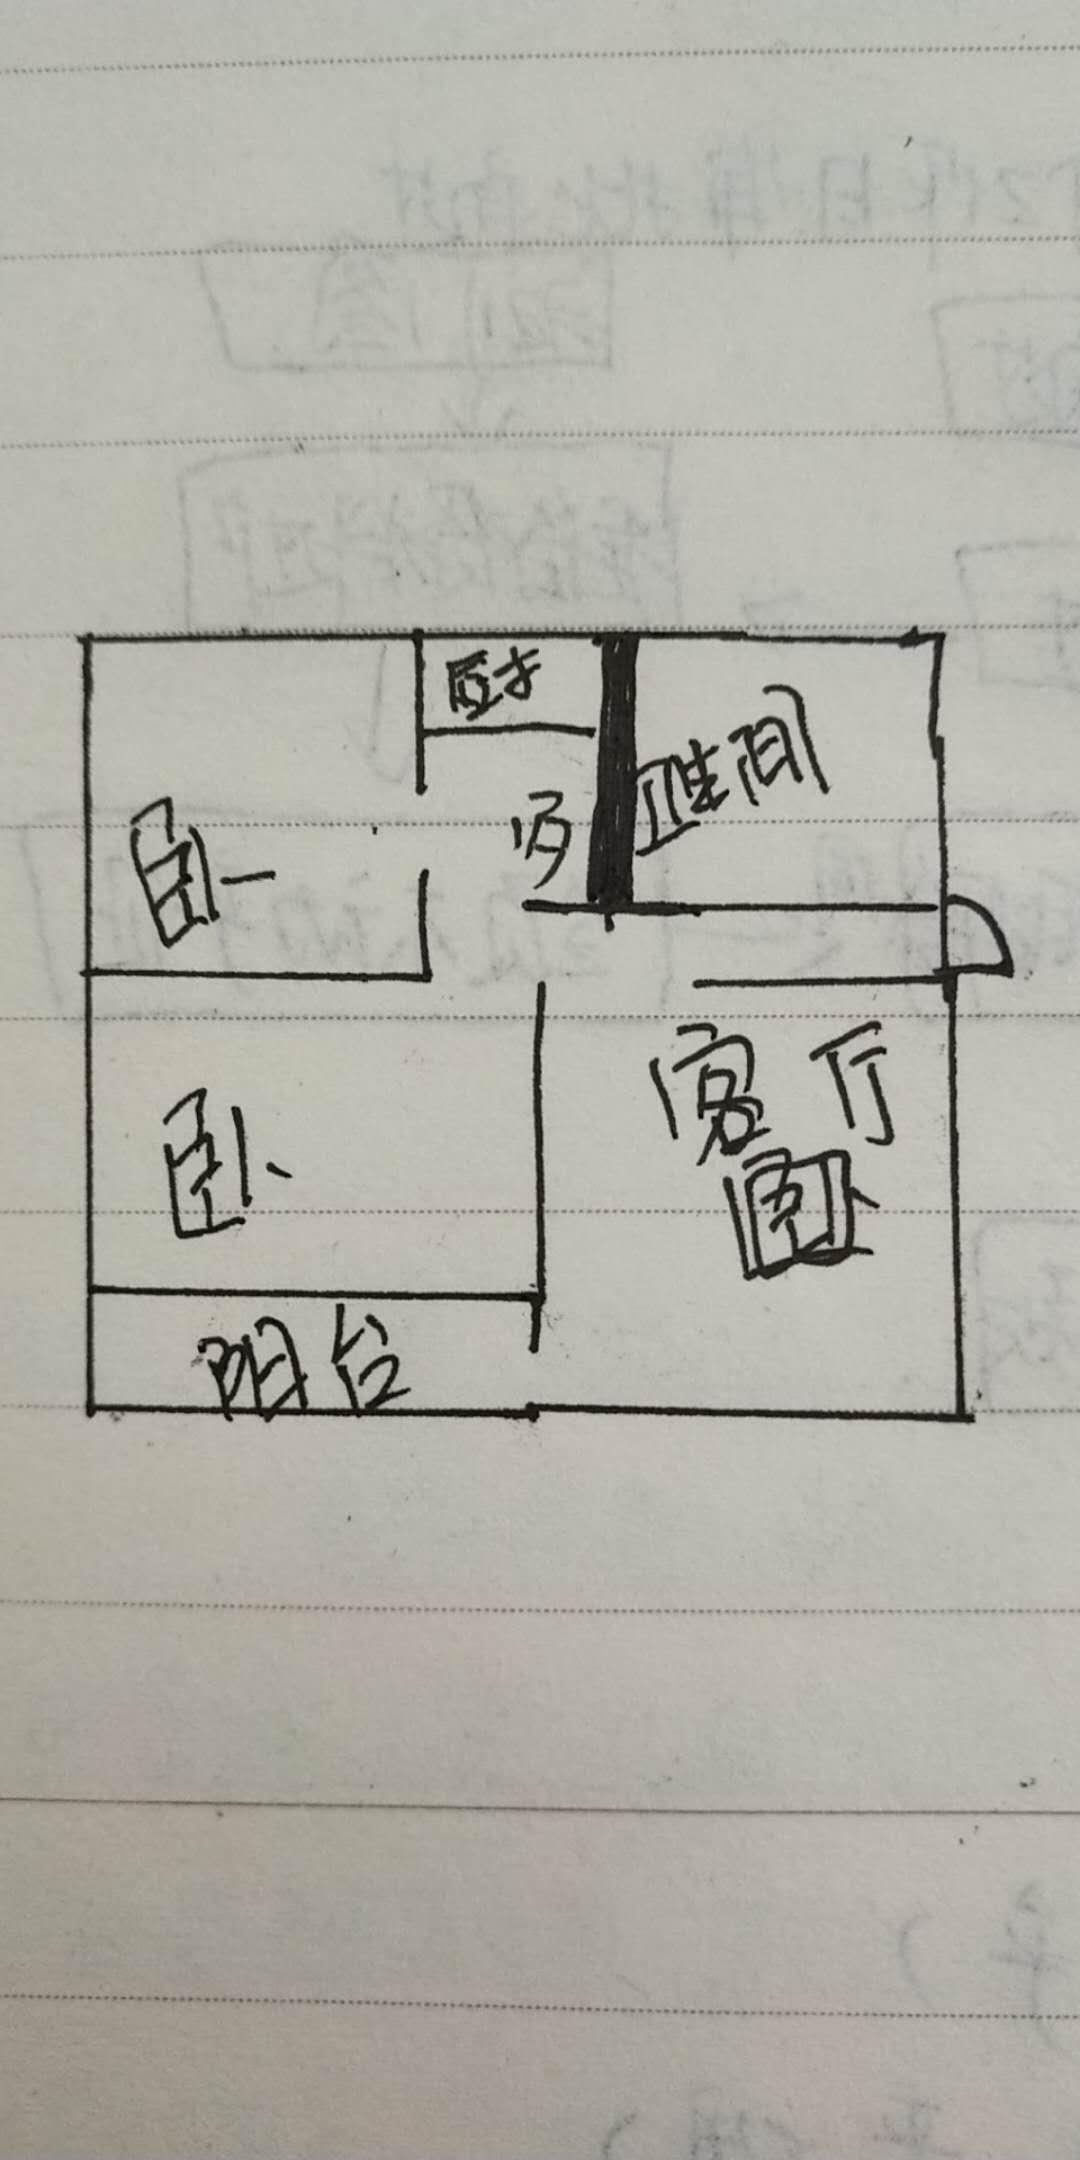 邹李小区 2室1厅 3楼